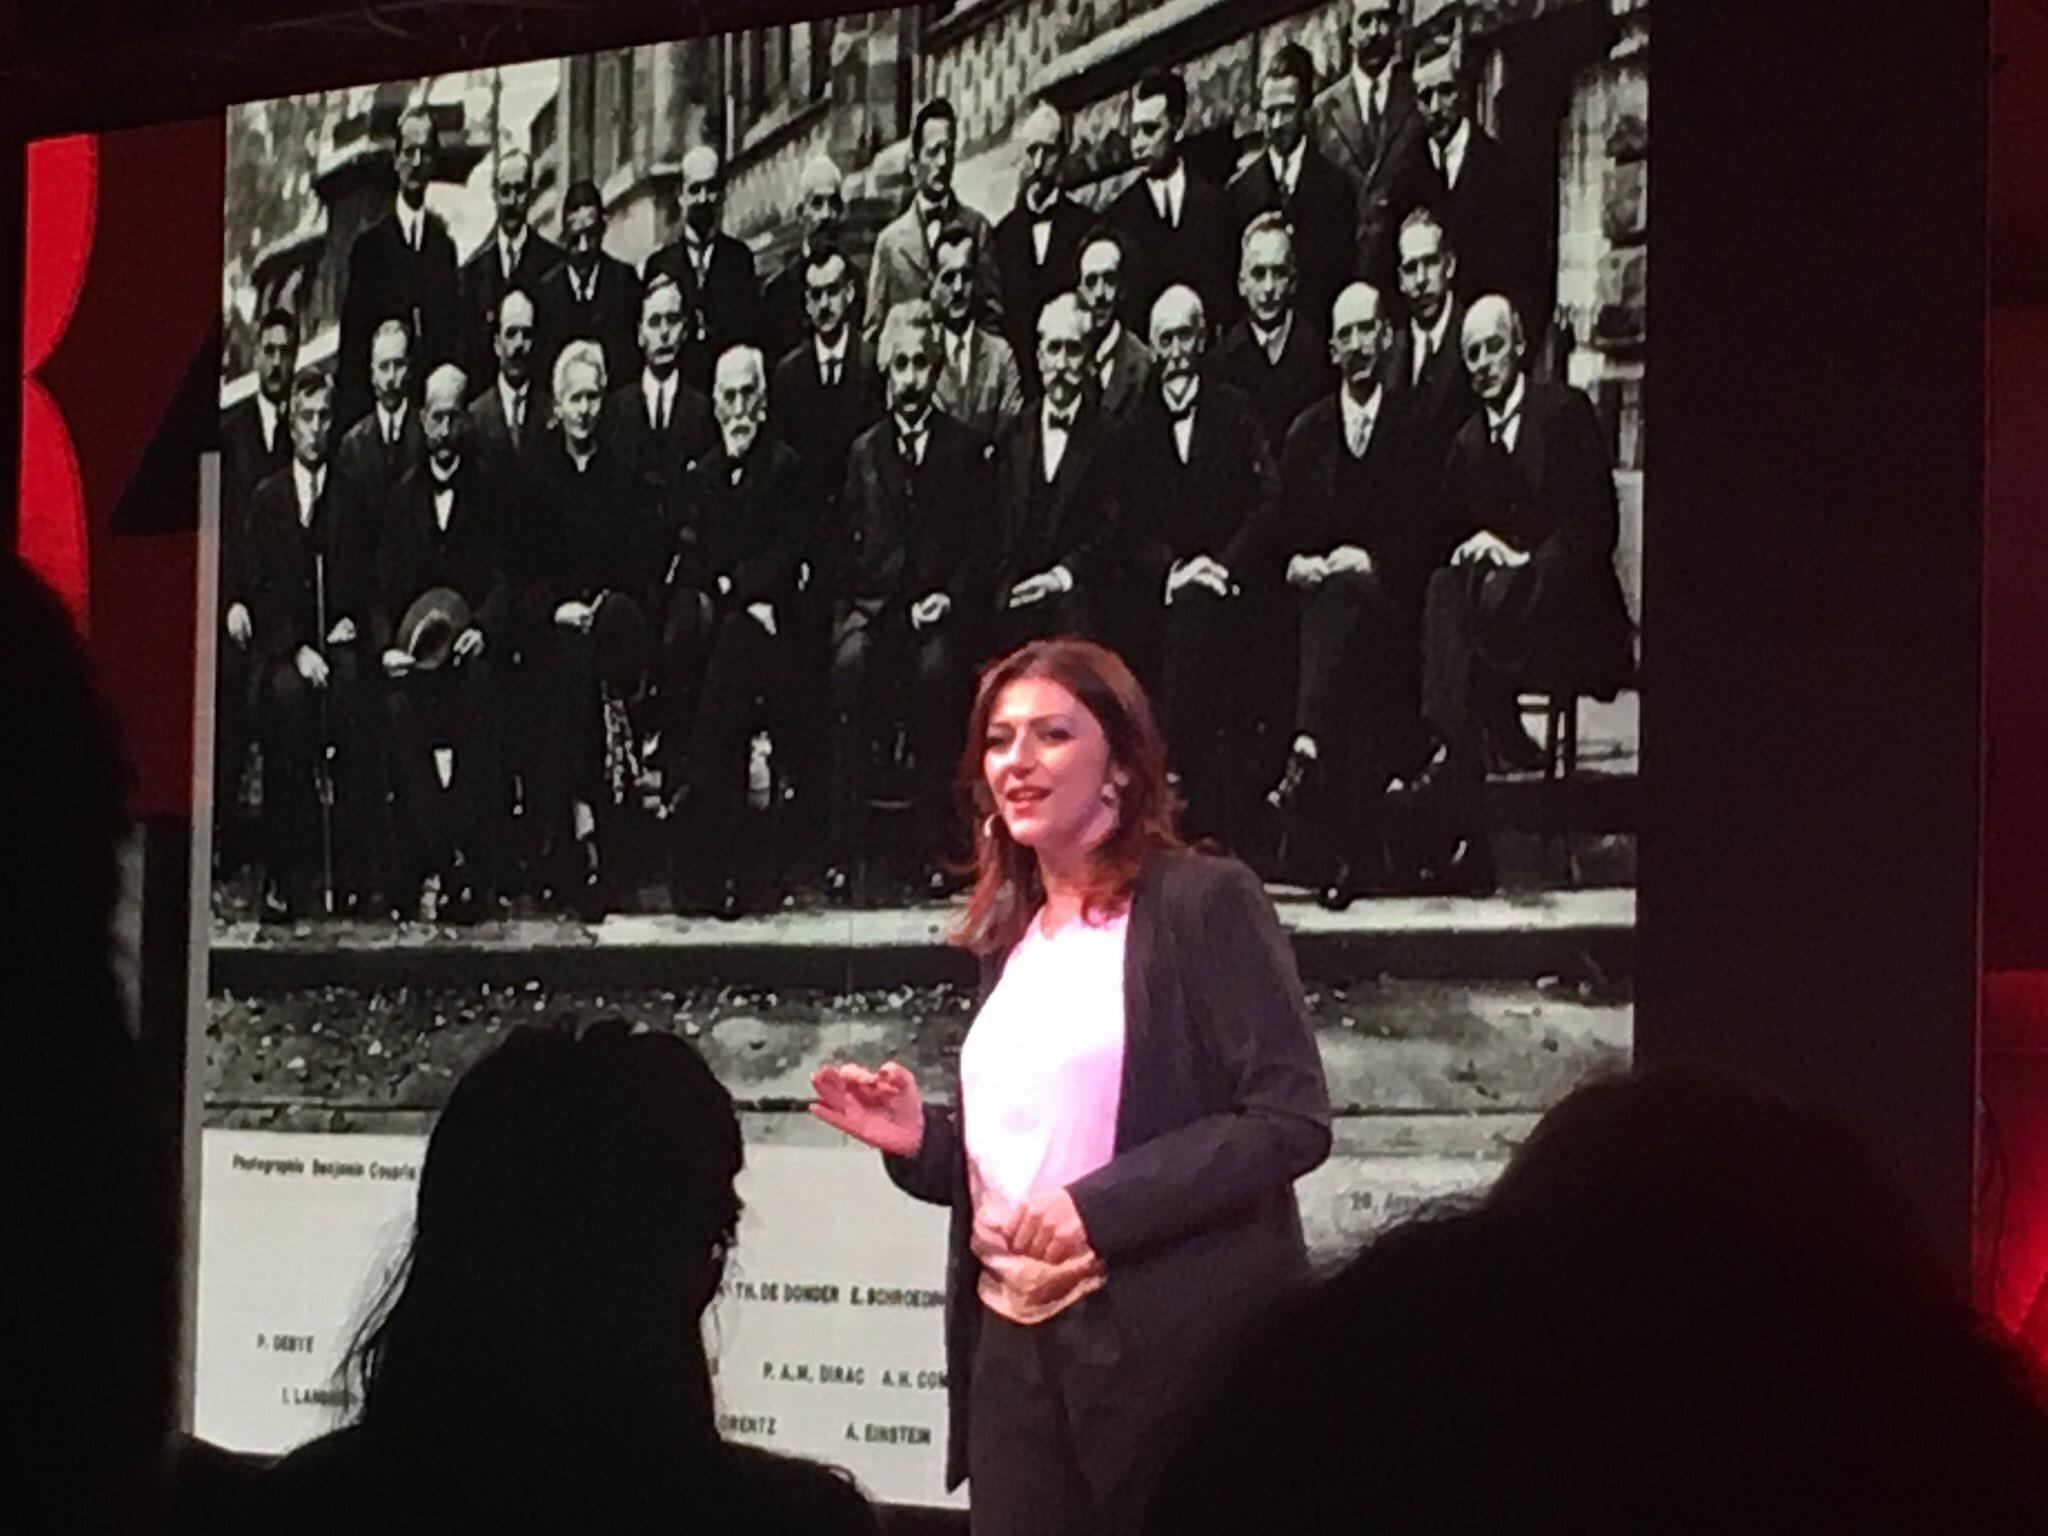 L'8 marzo ho fatto un TED sul mio monologo quantistico…è stato bello!